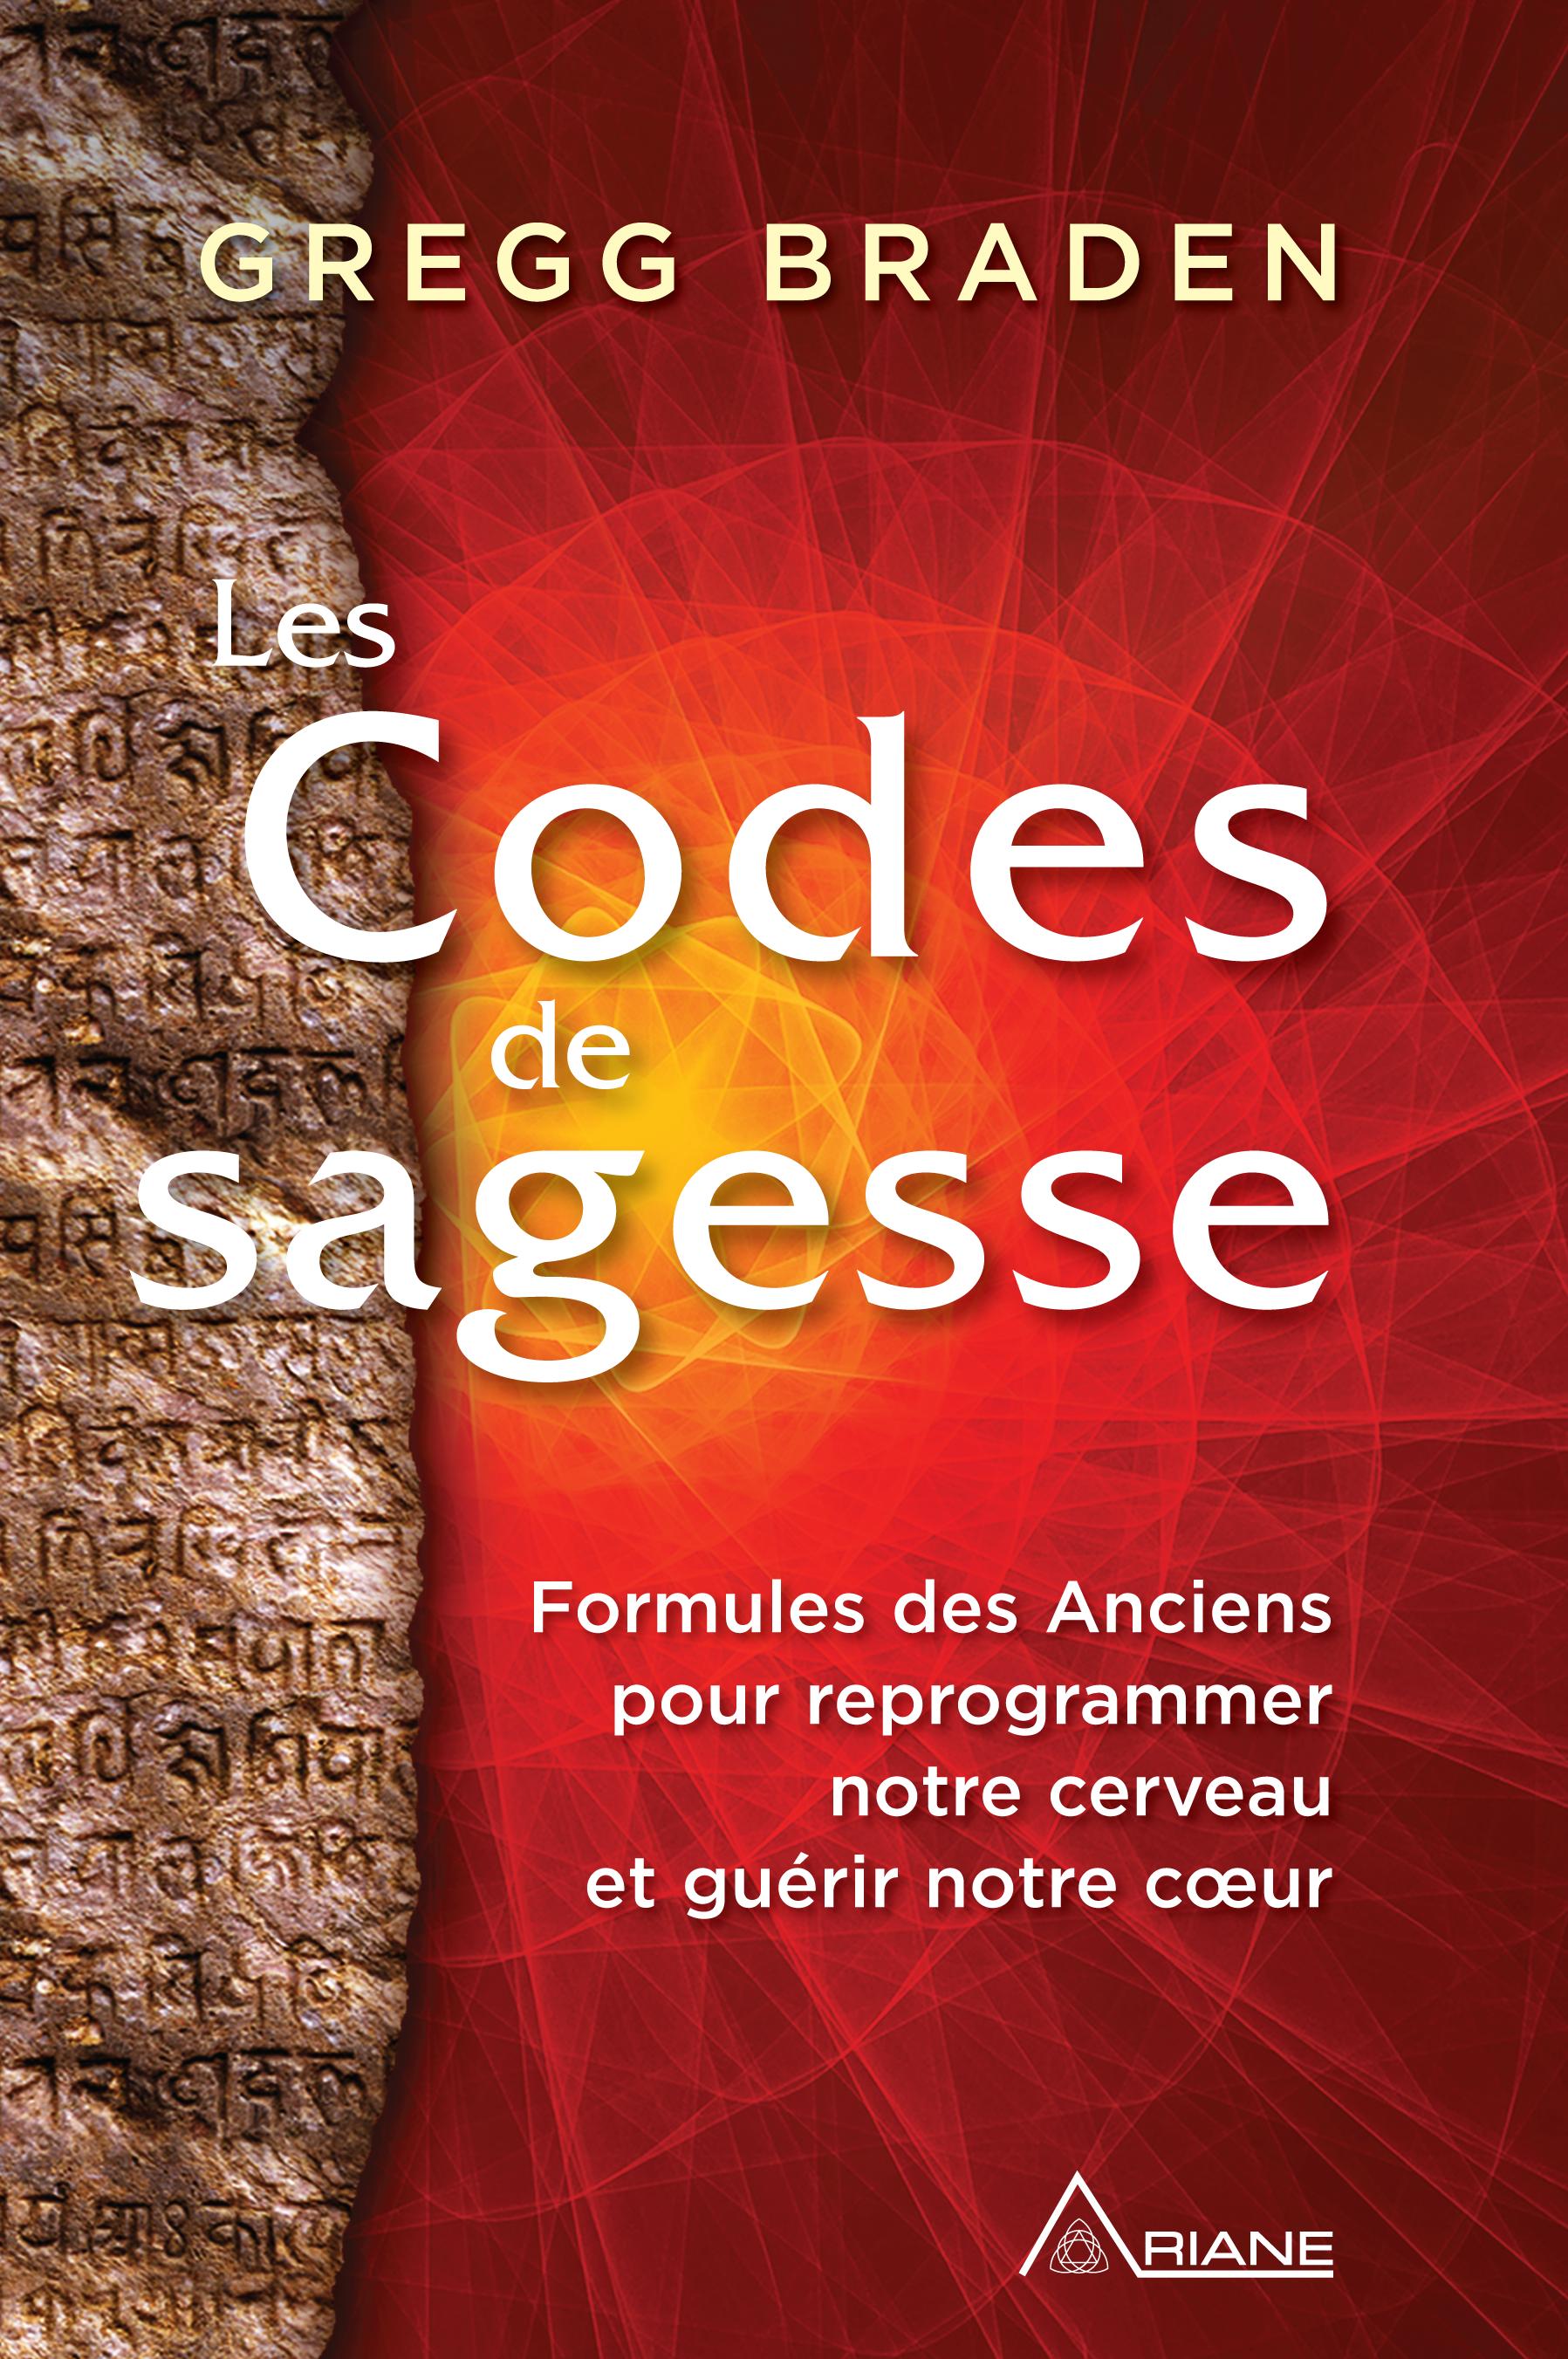 Les codes de sagesse : formules des Anciens pour reprogrammer... - Gregg Braden